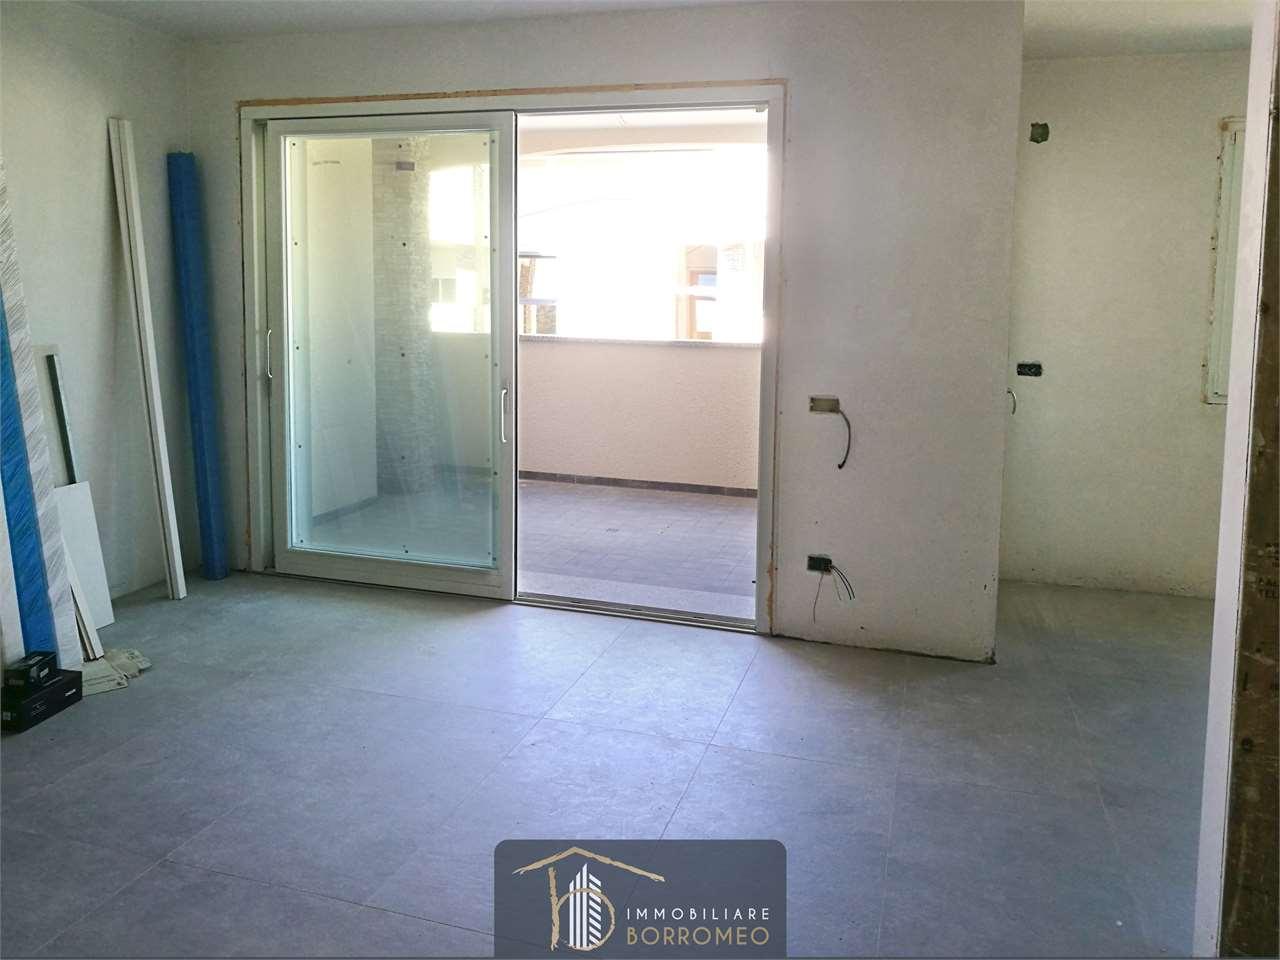 Vendita Trilocale Appartamento Cesano Maderno via Torretta 30 97014